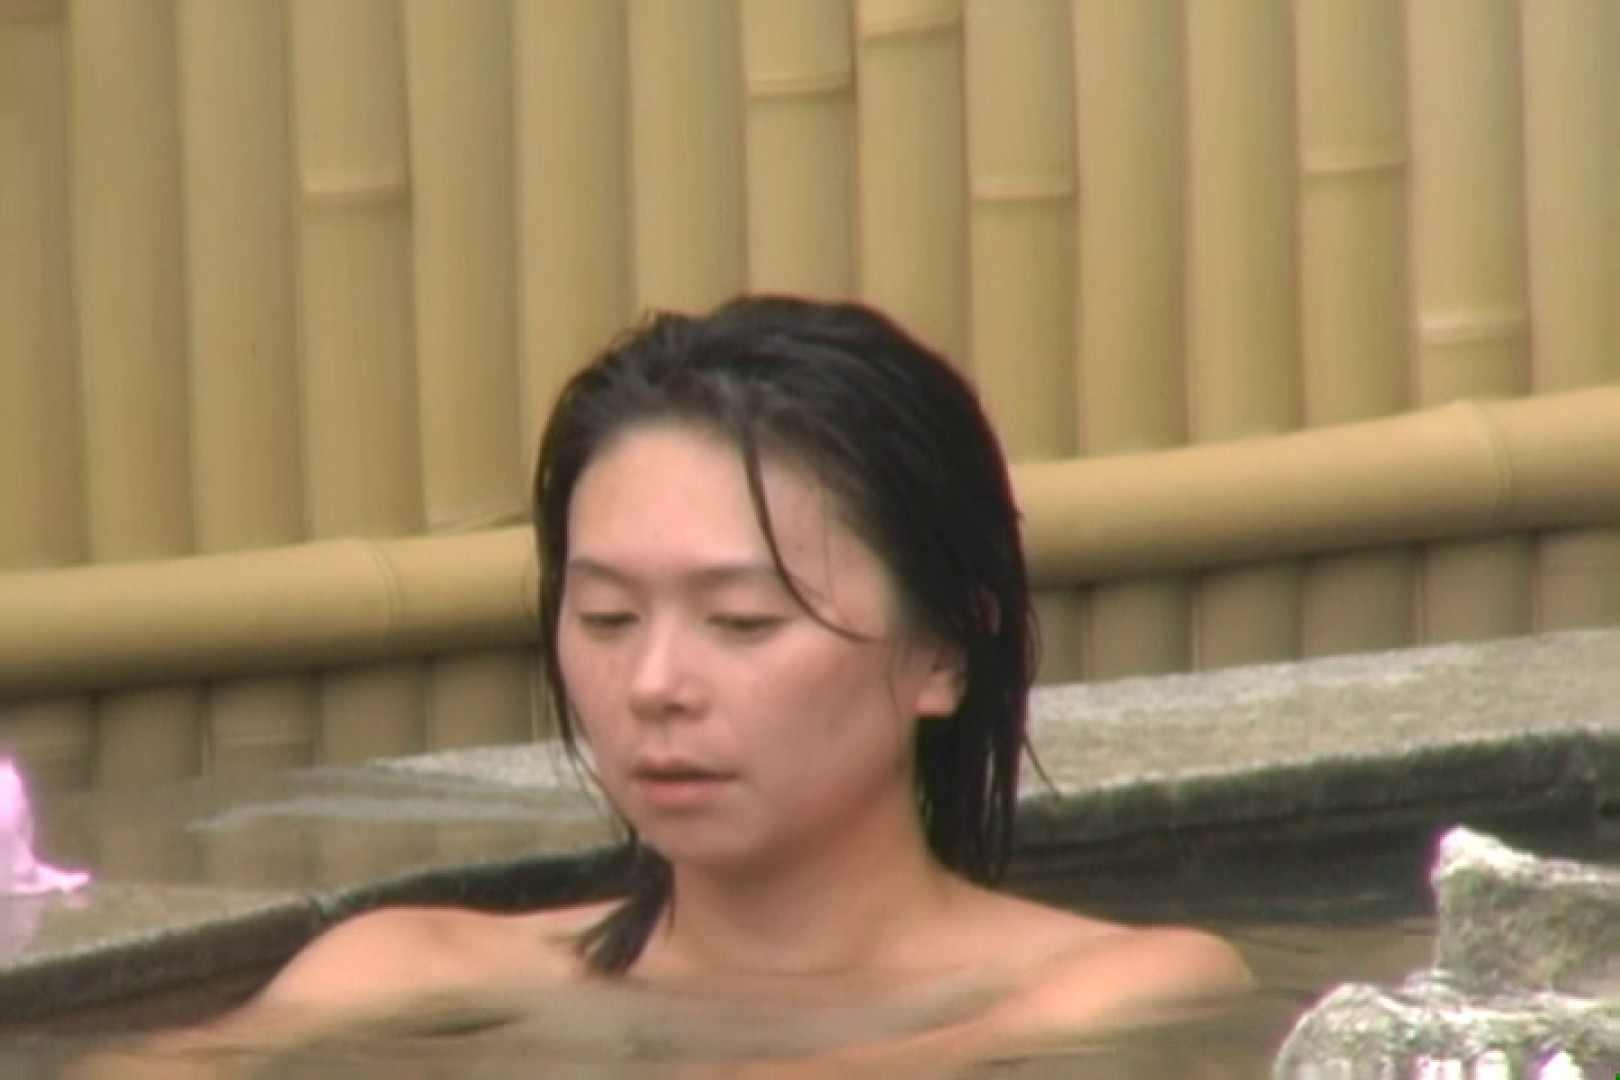 Aquaな露天風呂Vol.619 盗撮シリーズ  75PIX 4